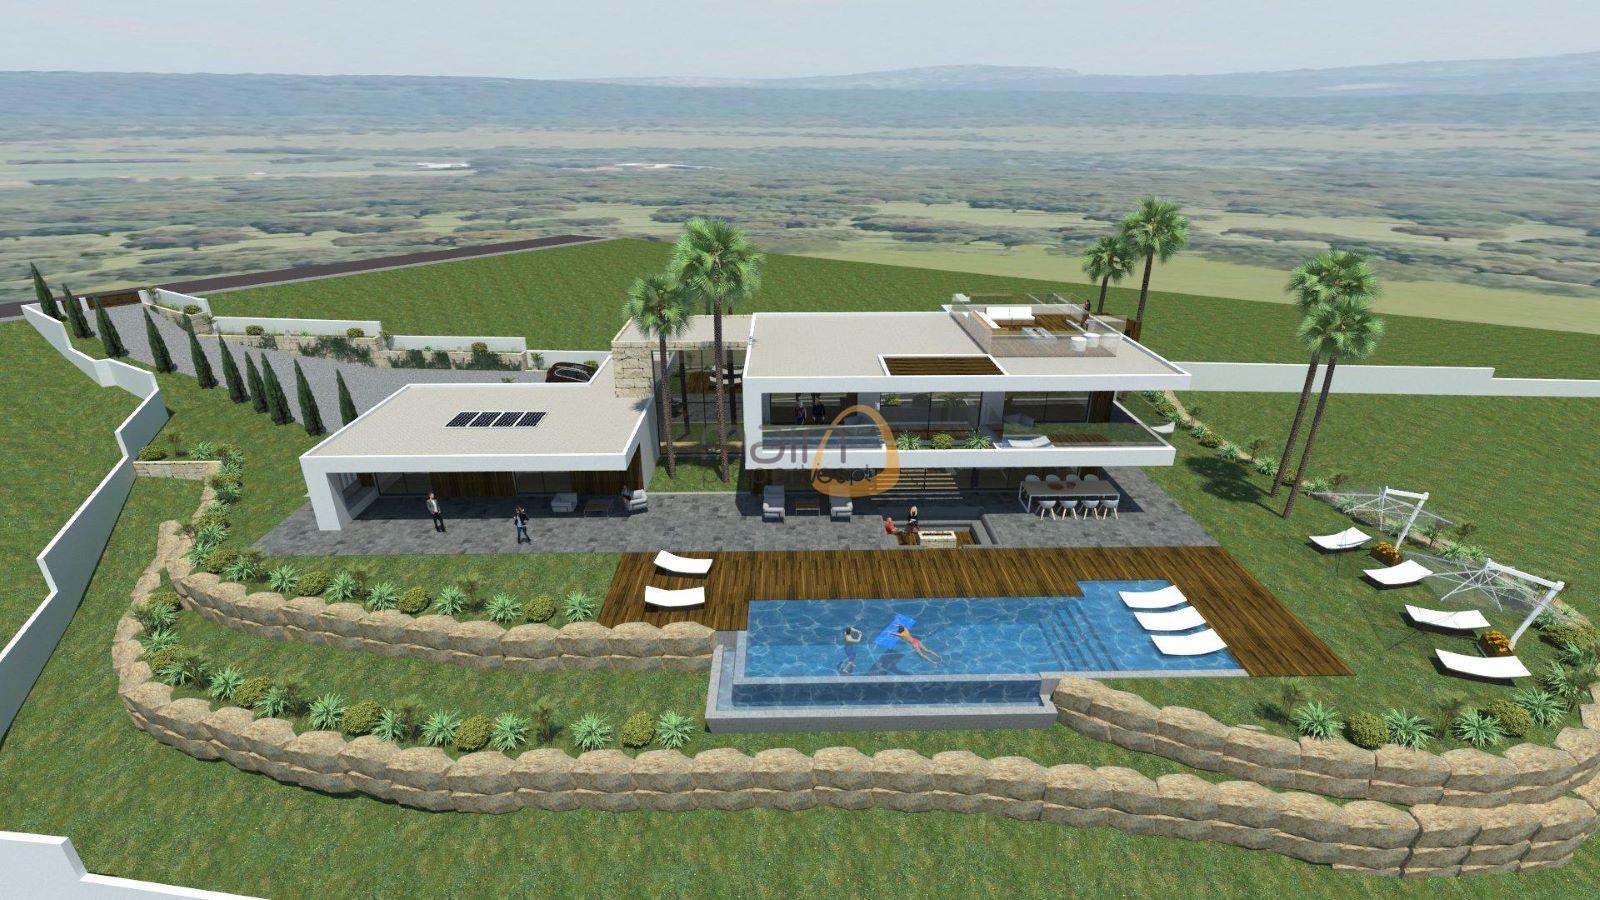 Land for construction of villa with sea view in Goldra – Santa Bárbara de Nexe